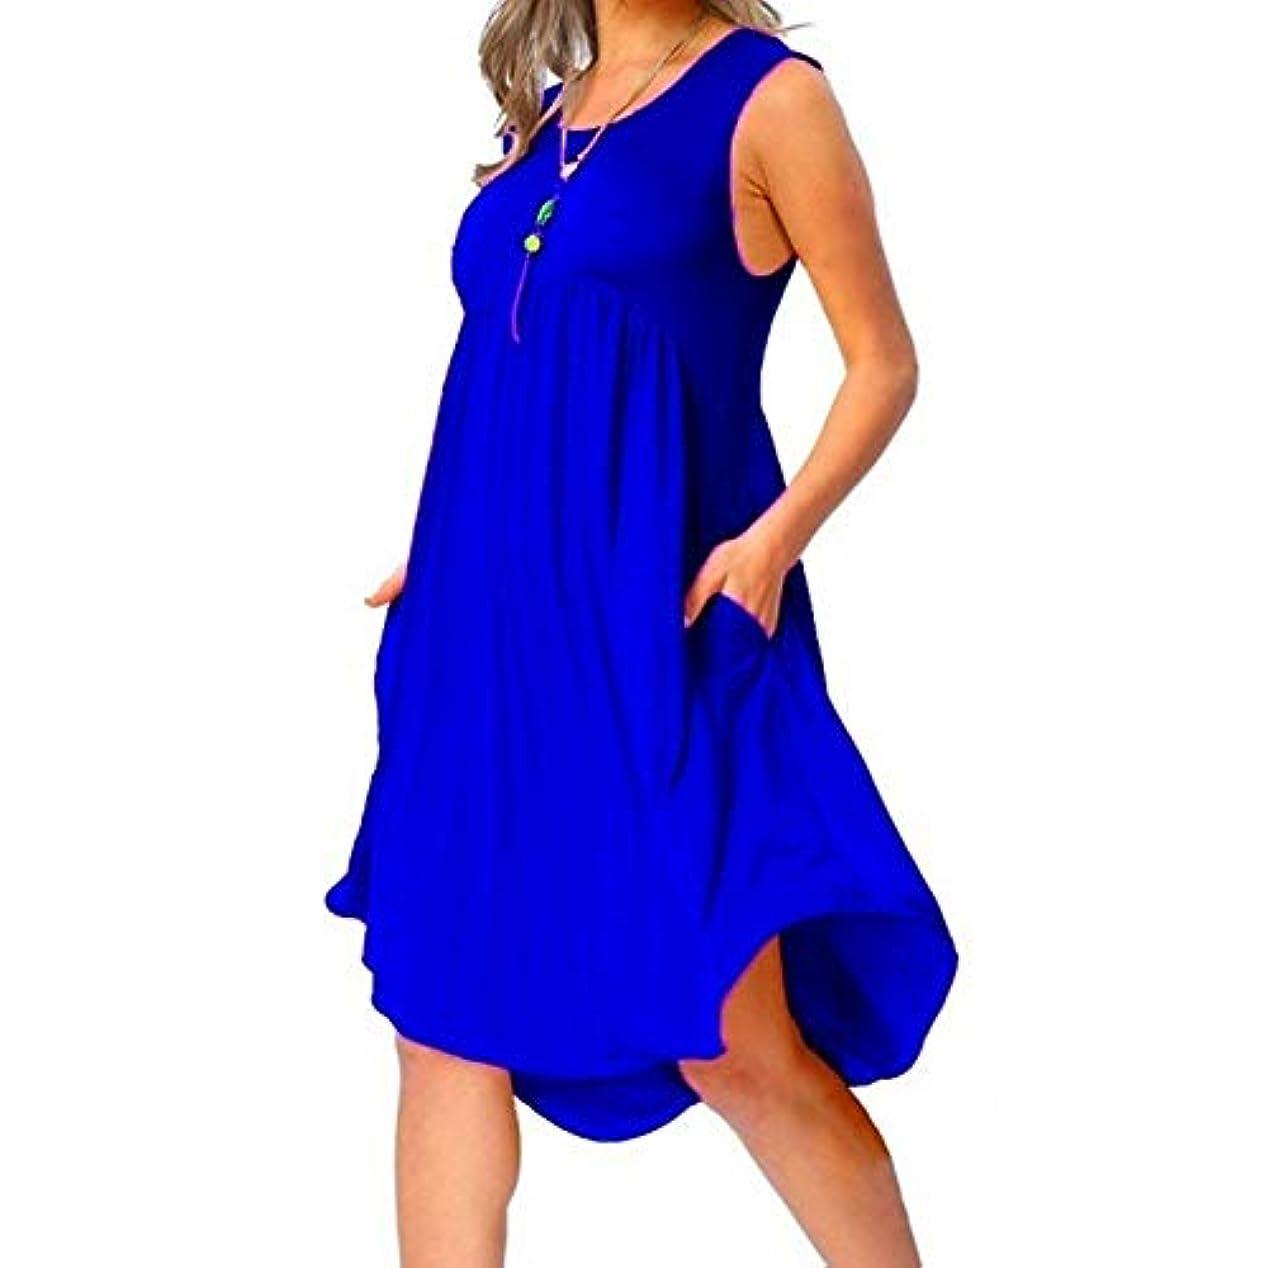 カイウス飛ぶ燃やすMIFAN の女性のドレスカジュアルな不規則なドレスルースサマービーチTシャツドレス